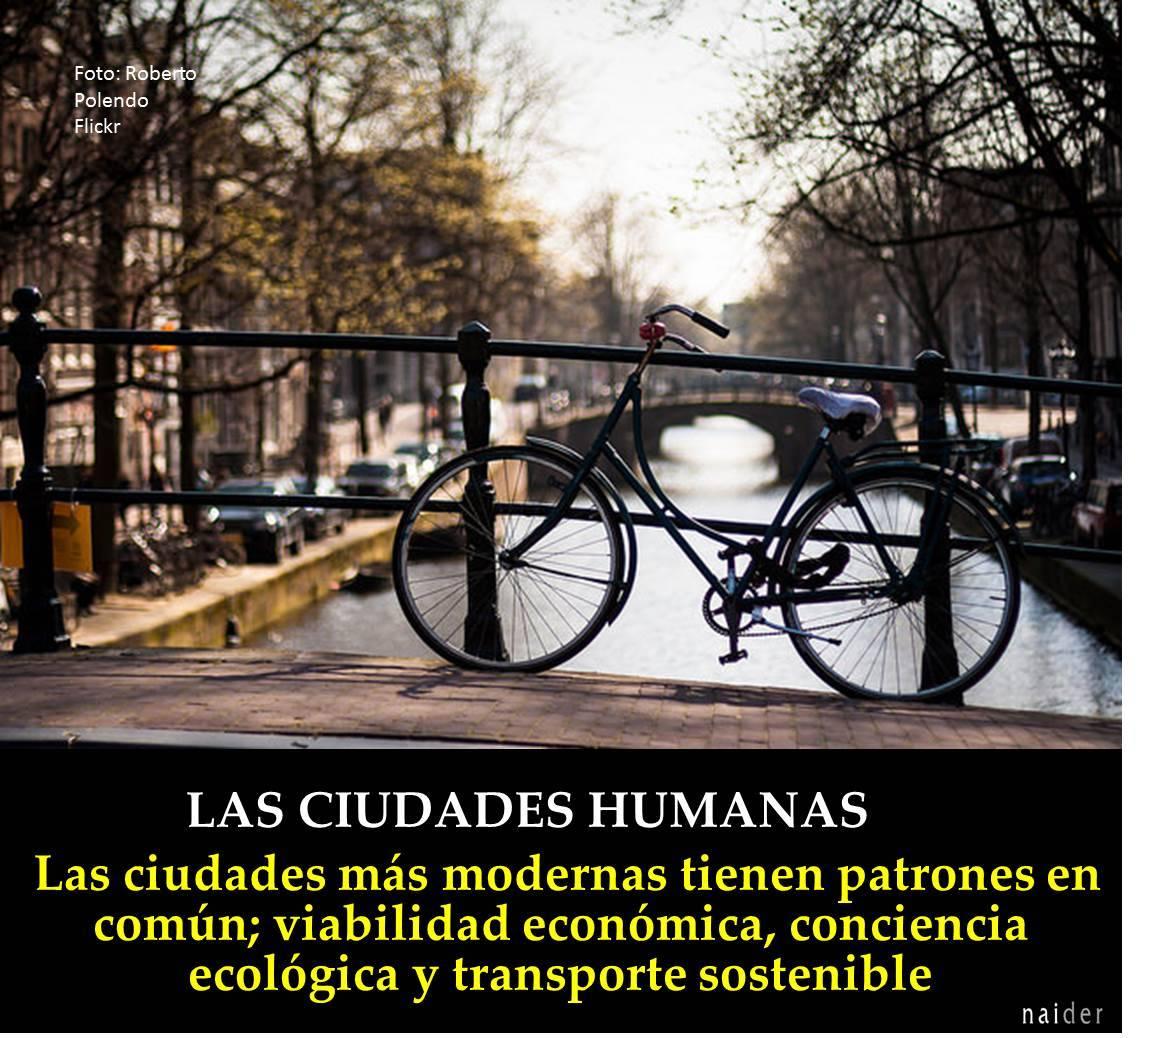 Las ciudades humanas